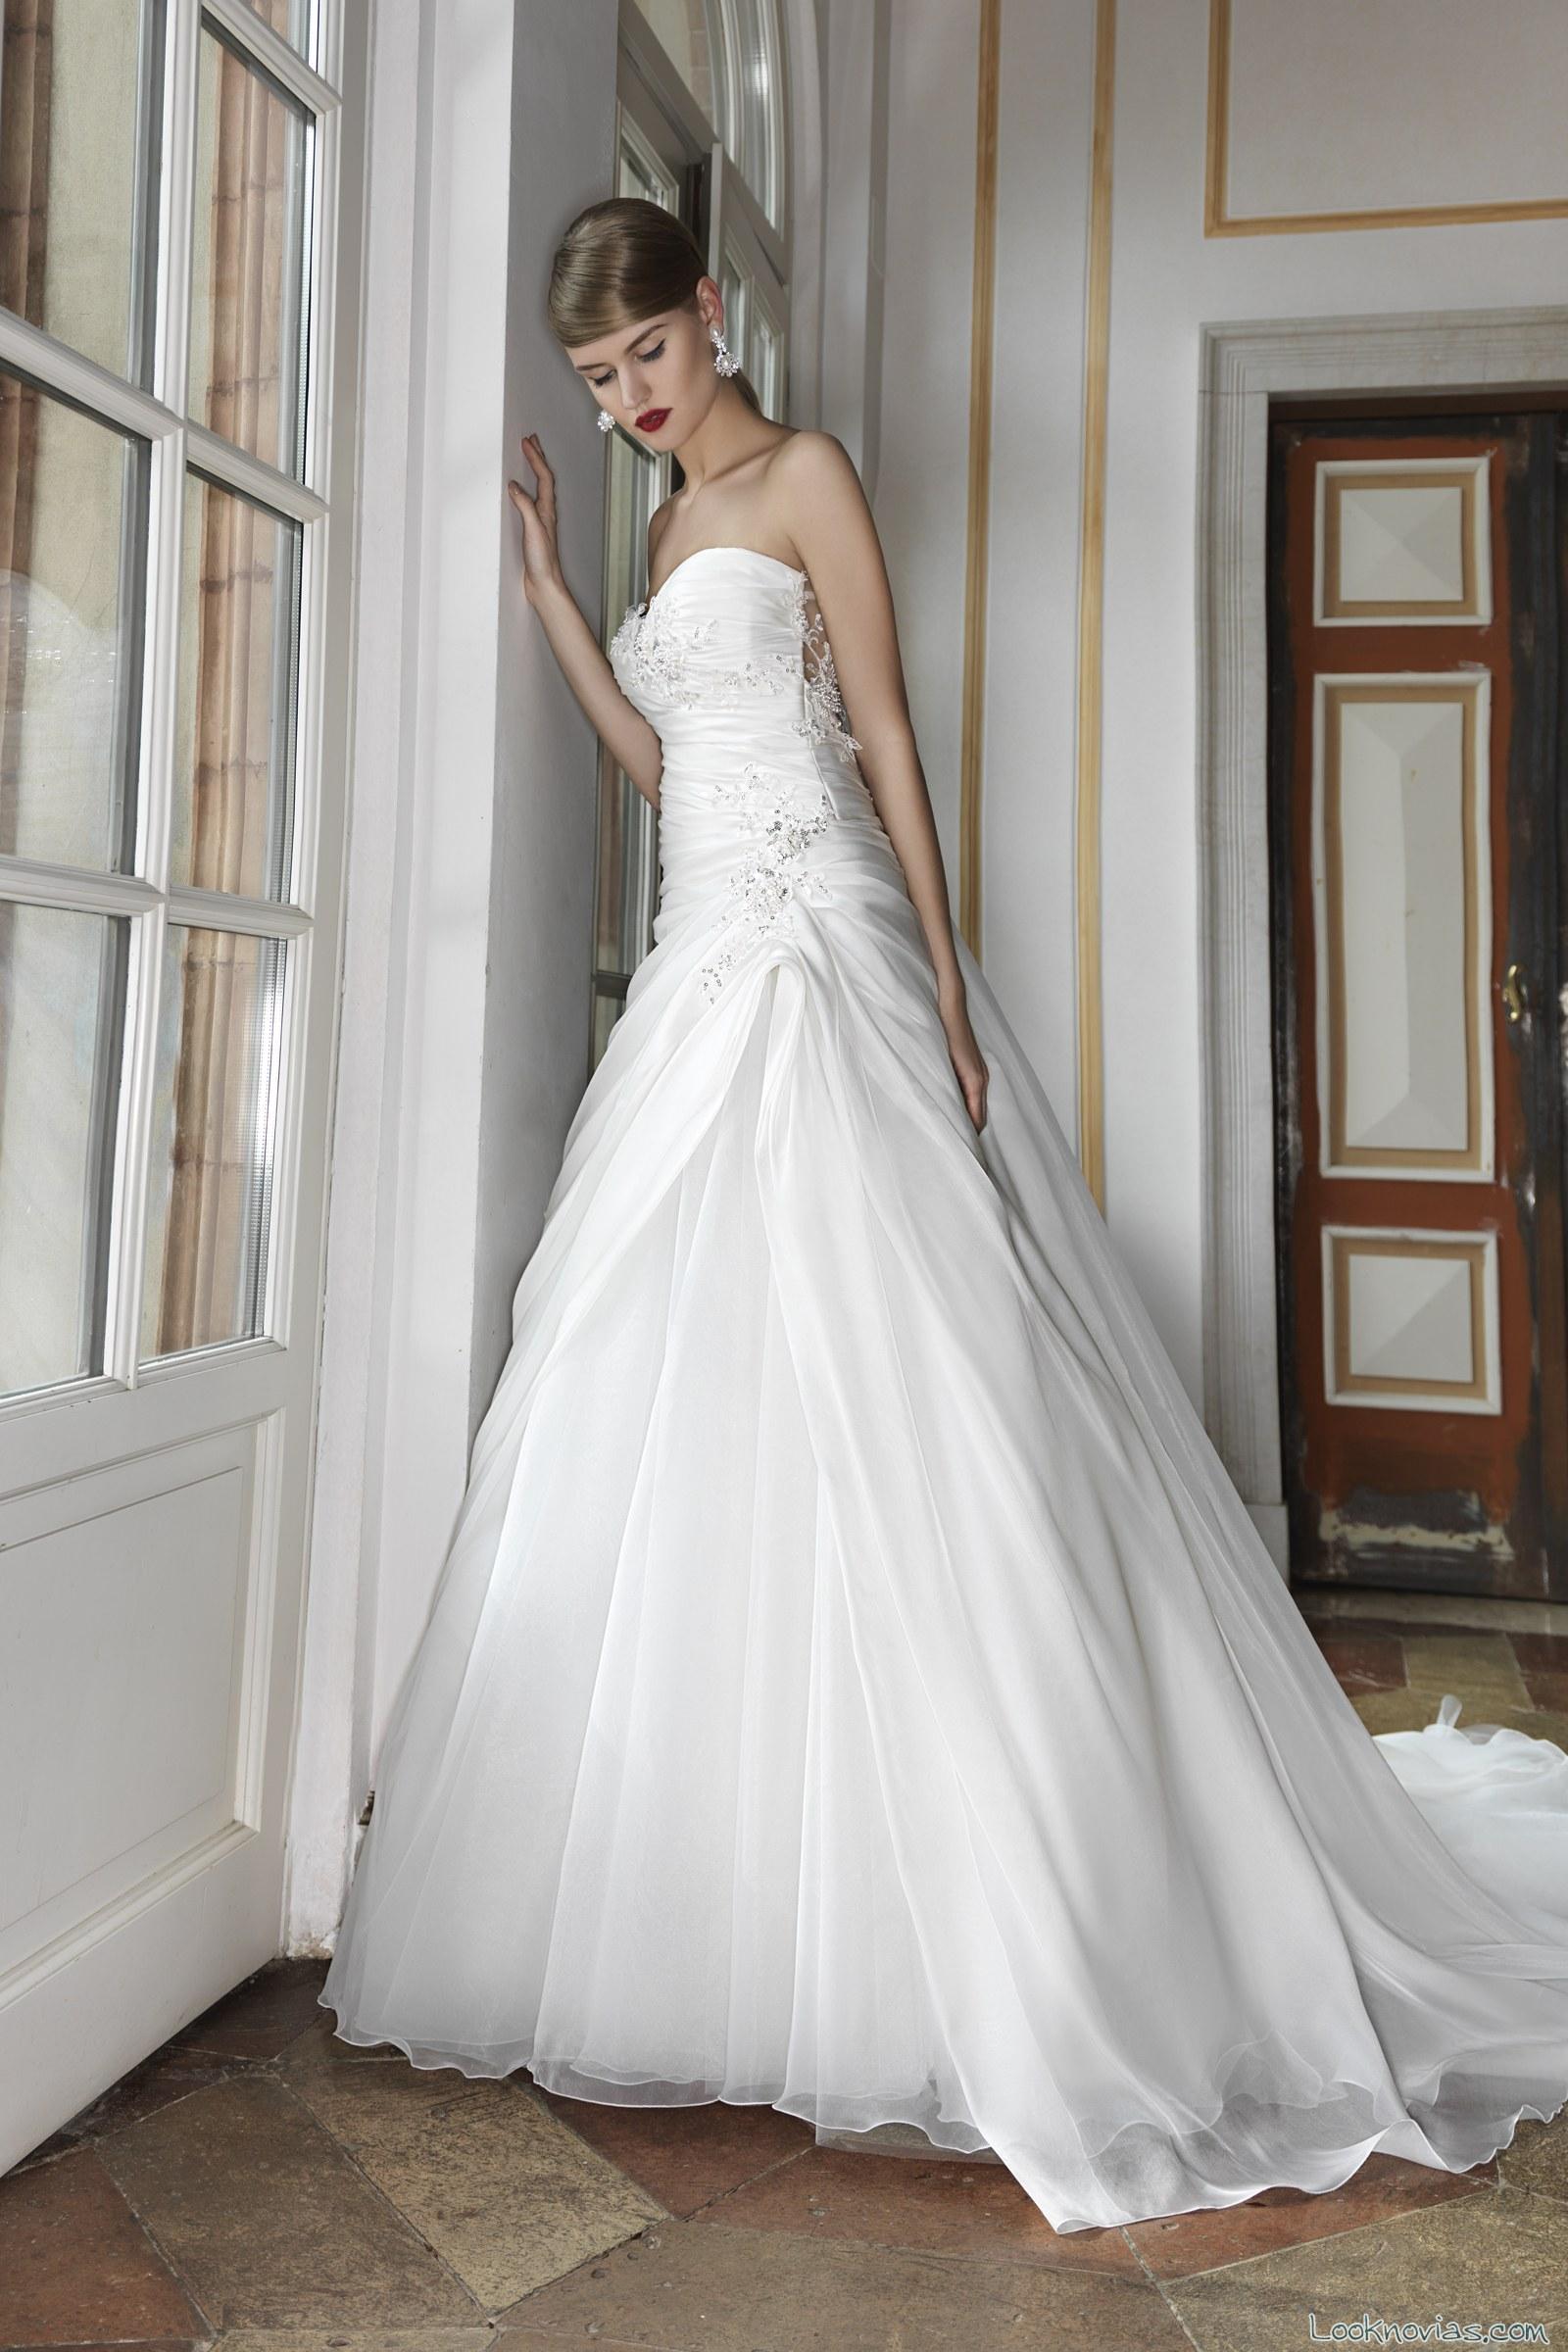 vestido princesa con cuerpo drapeado de novia